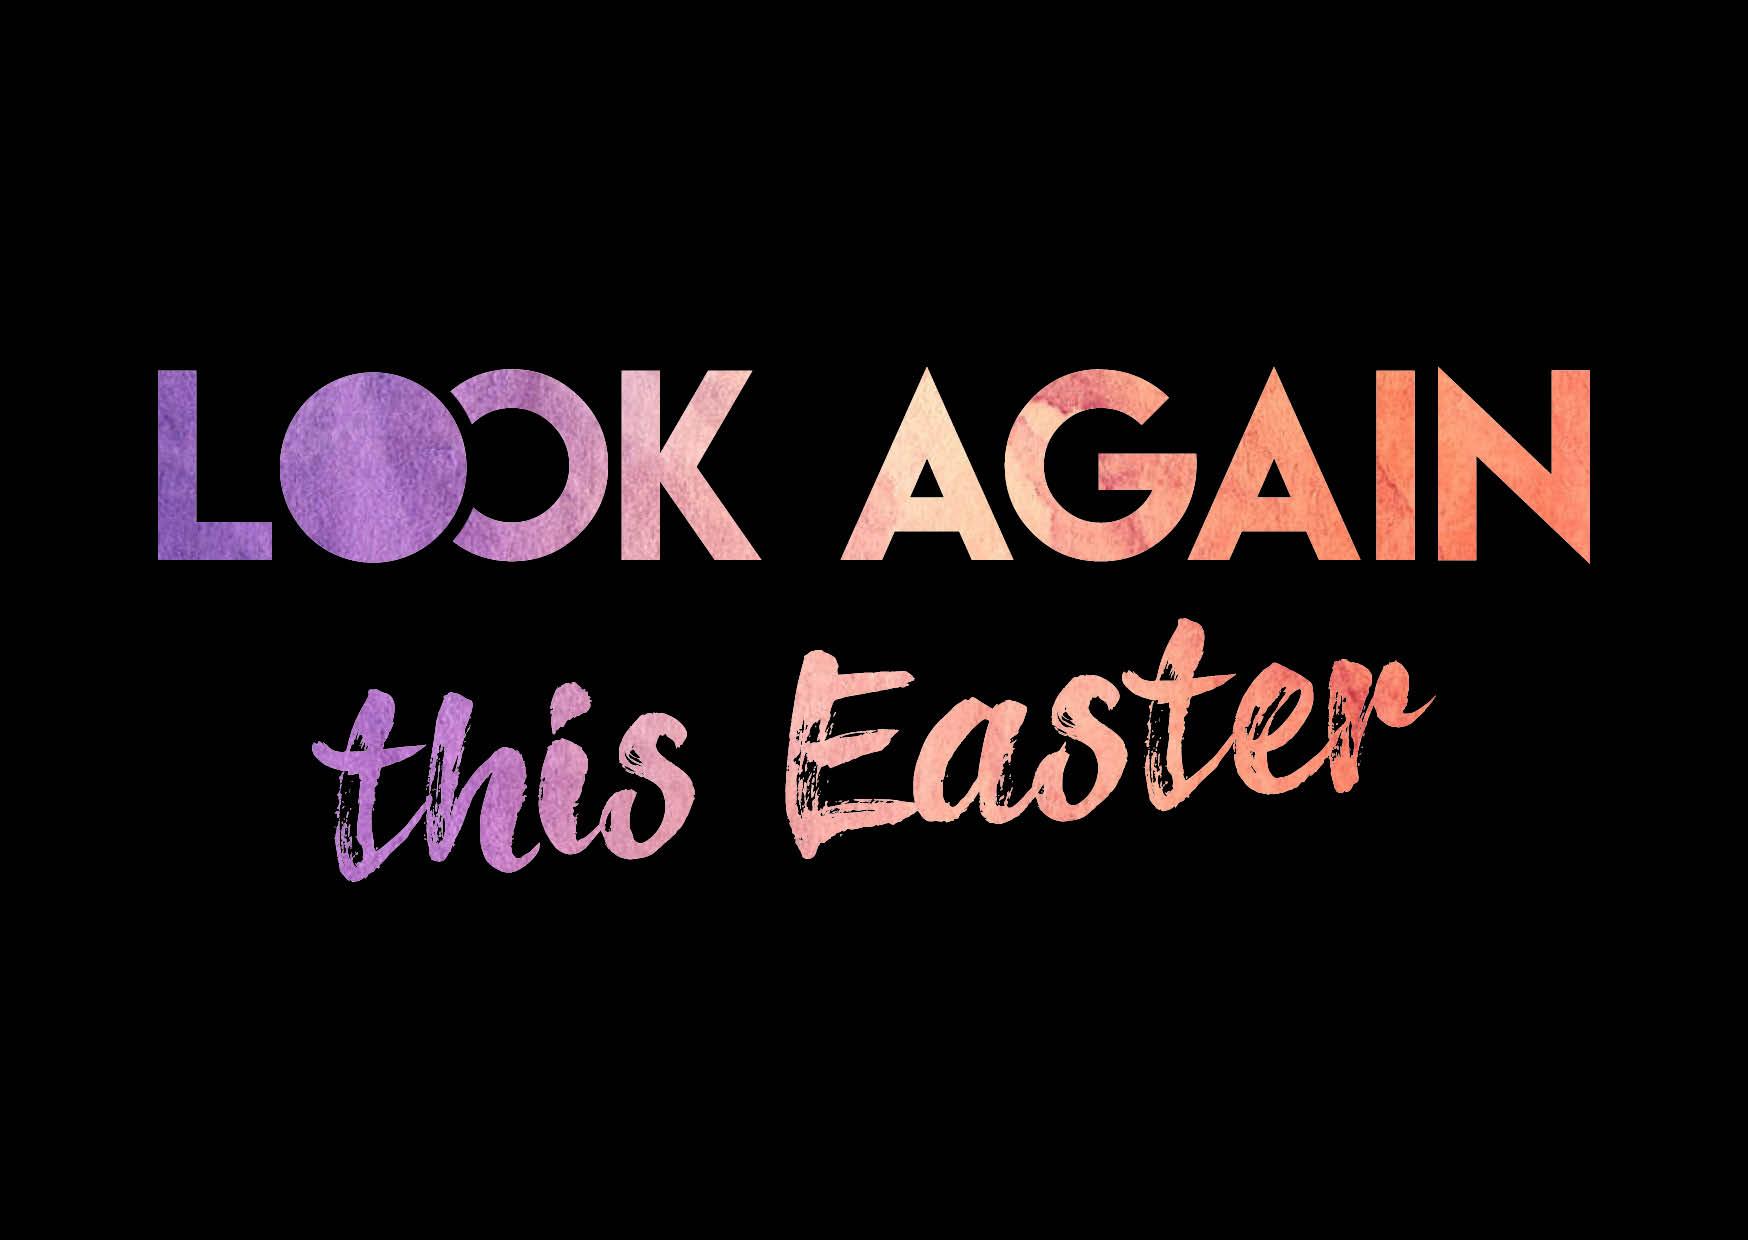 Easter 2019 image.jpg